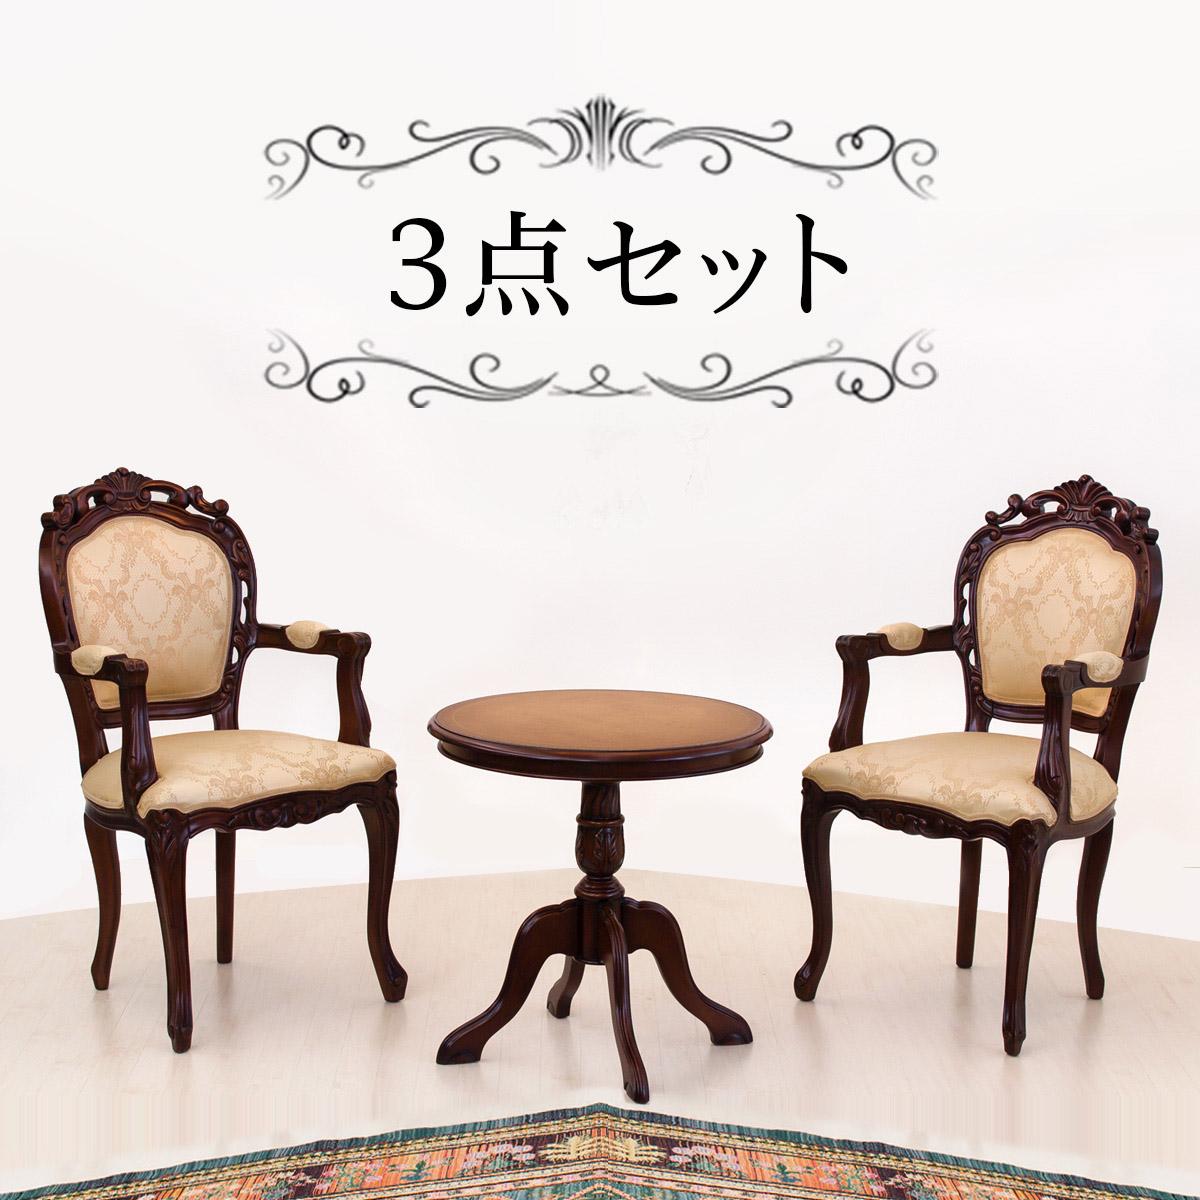 マホガニー ラウンドテーブルセットテーブル1台と肘掛け付きダイニングチェアー2脚のセット 上品 アンティーク調 猫脚チェアー 優雅 クラシック 上品アンティーク調テーブル